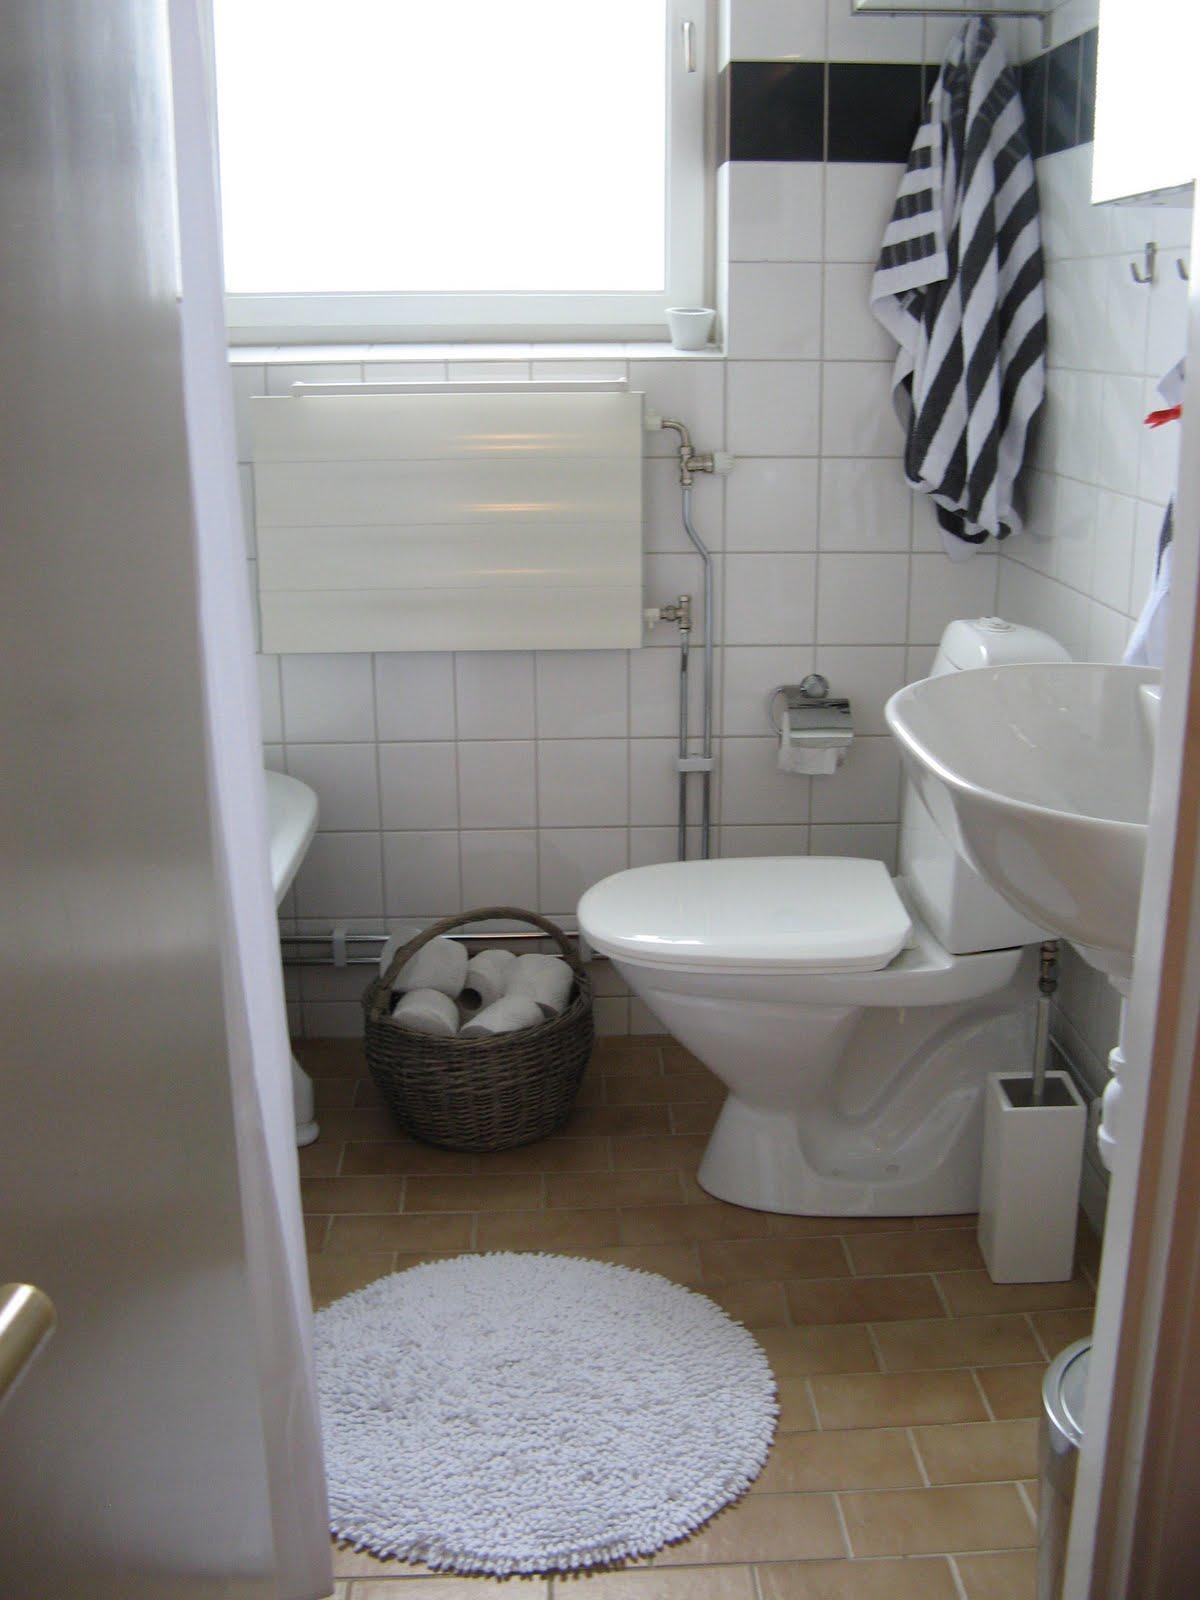 Mulher de Fases: O meu banheiro #5E4D3C 1200x1600 Banheiro Casal Assim Eu Gosto